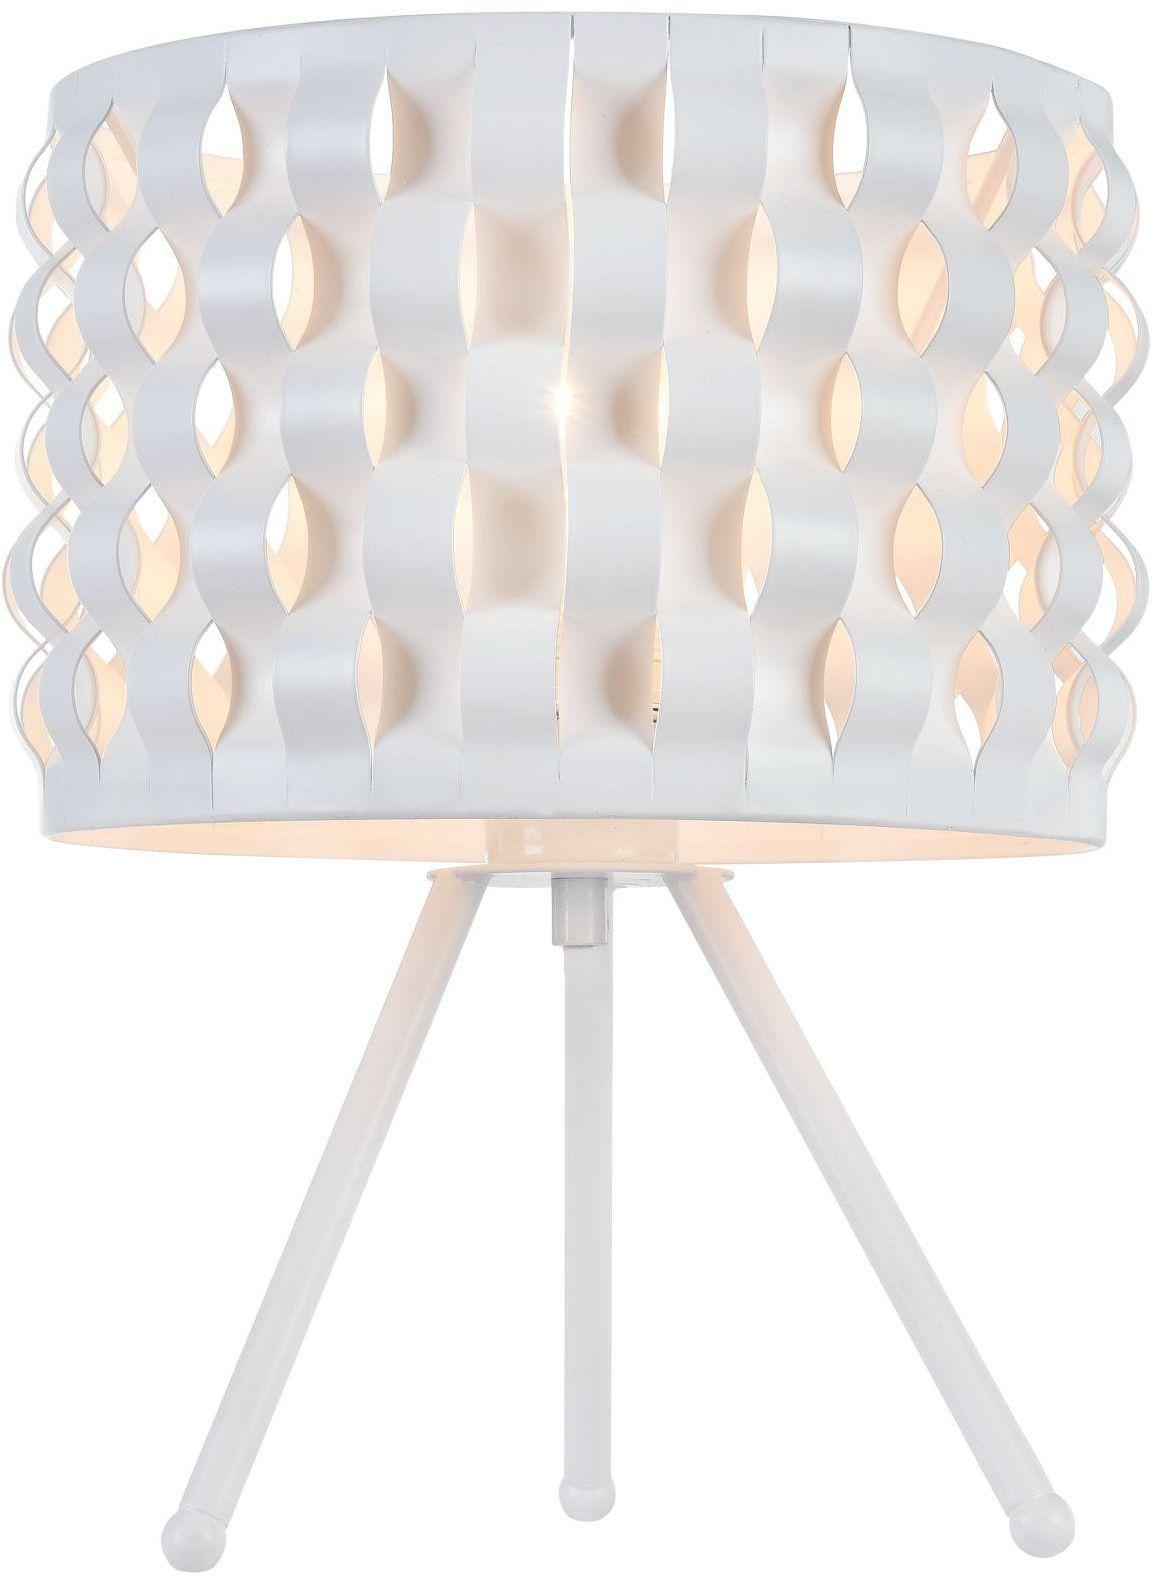 Lampa stołowa DELICATE MOD196-TL-01-W - Maytoni  Skorzystaj z kuponu -10% -KOD: OKAZJA